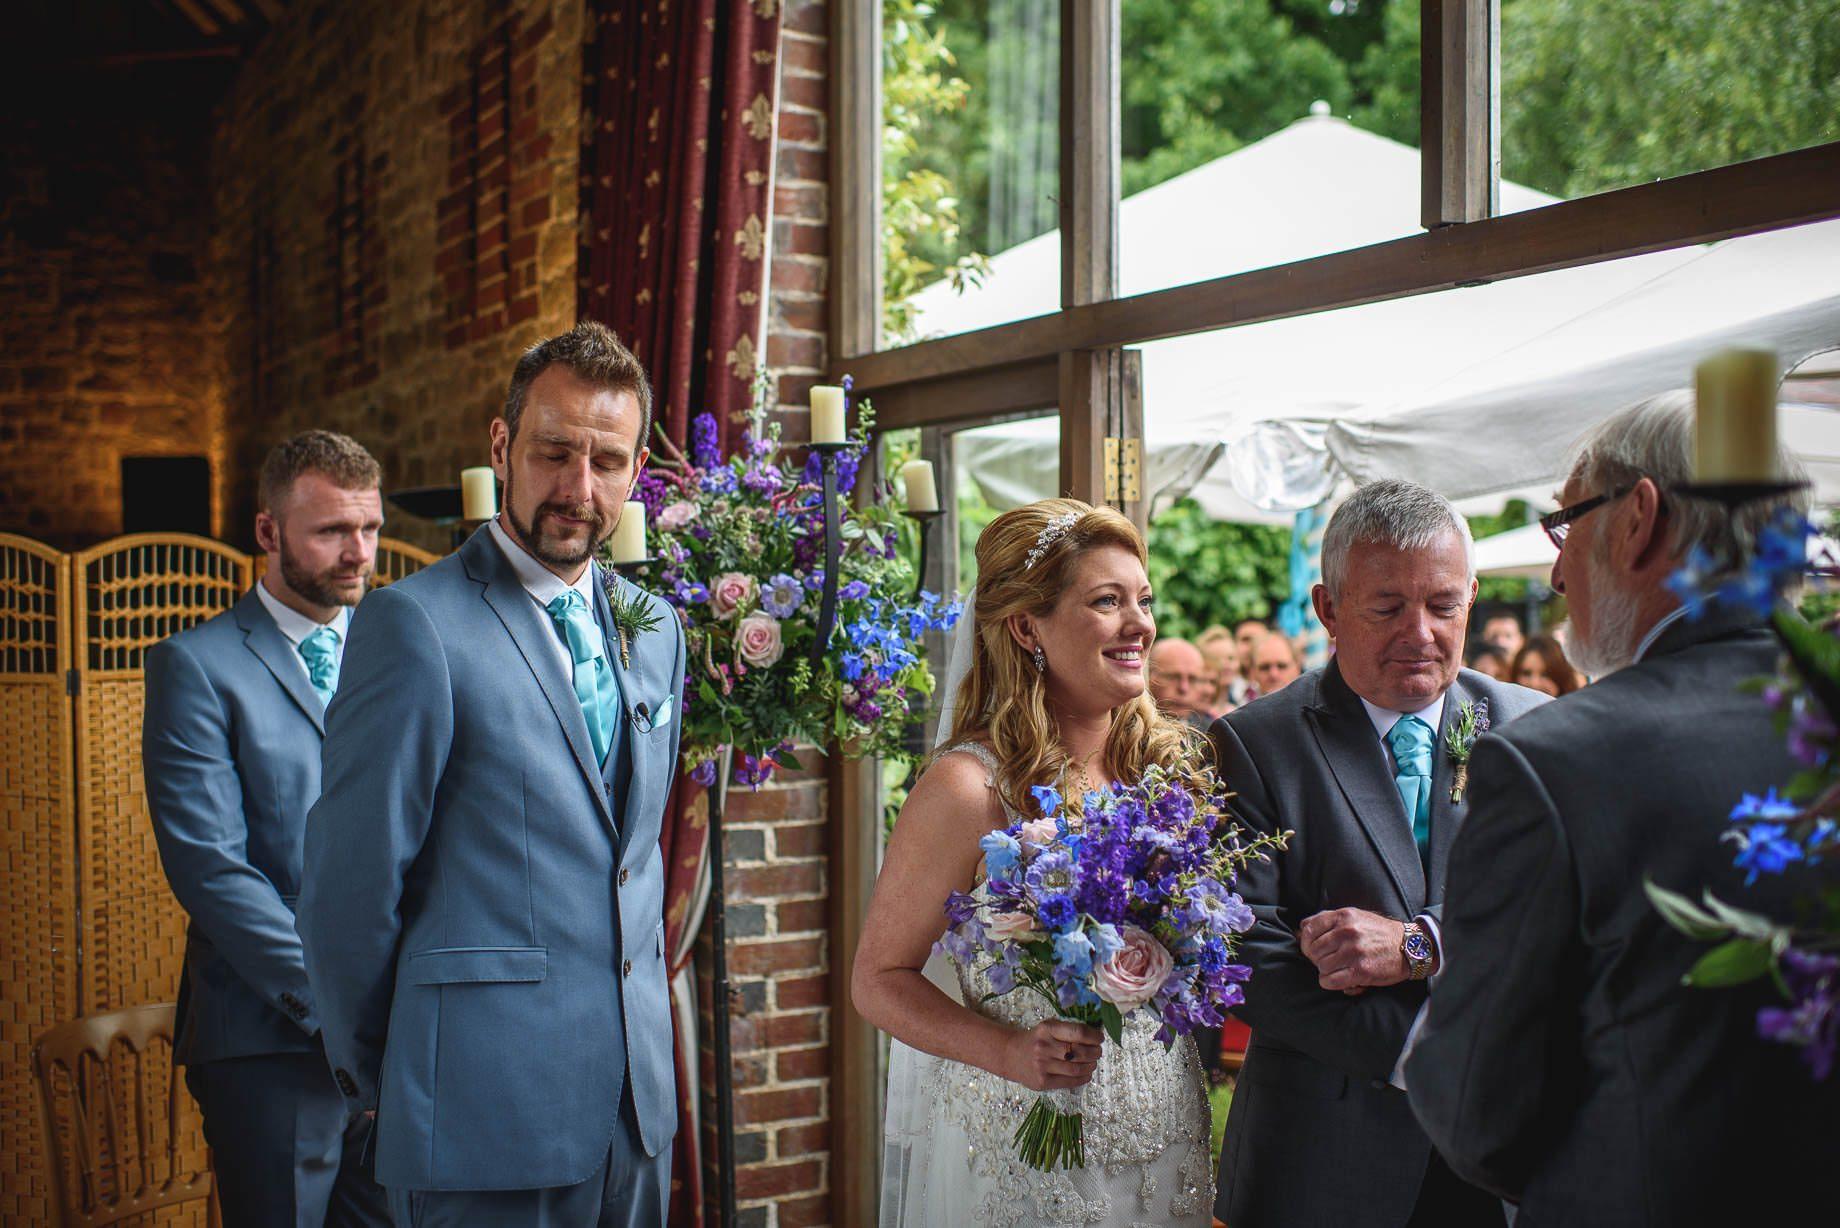 Bartholomew Barns wedding photography - Louise and Spencer (44 of 151)